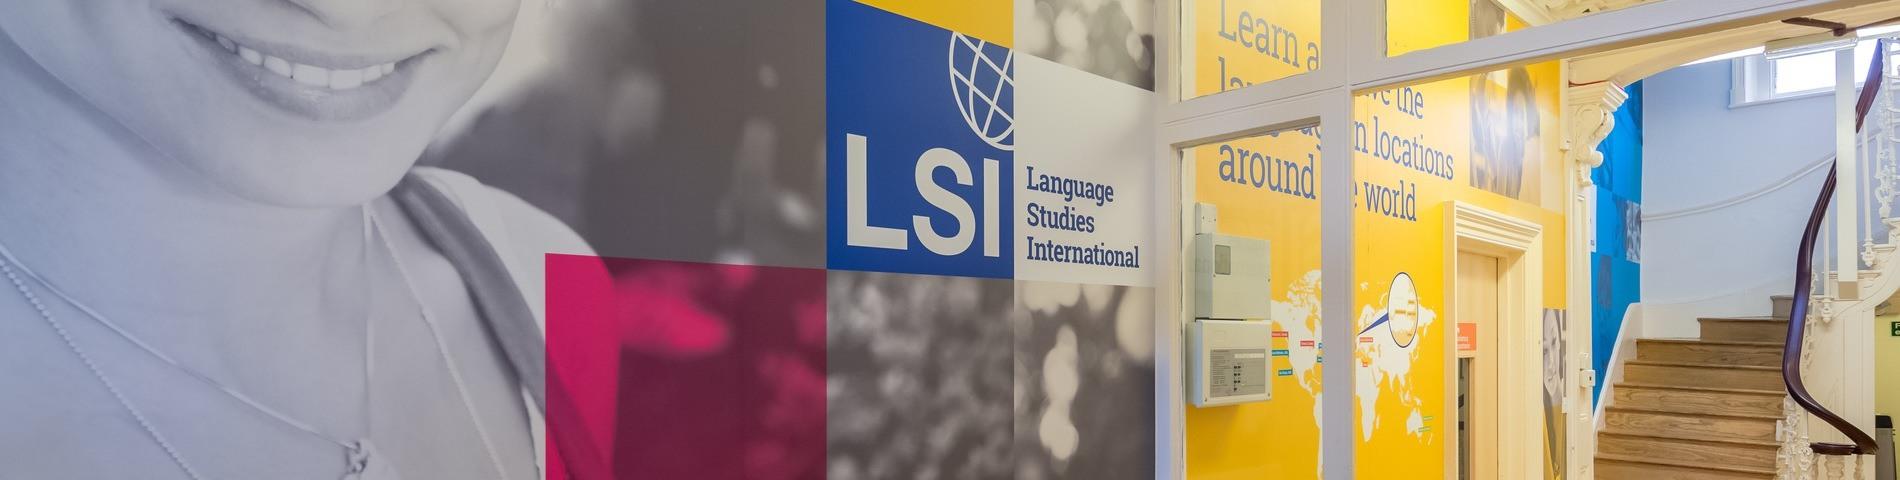 LSI - Language Studies International - Hampstead зображення 1